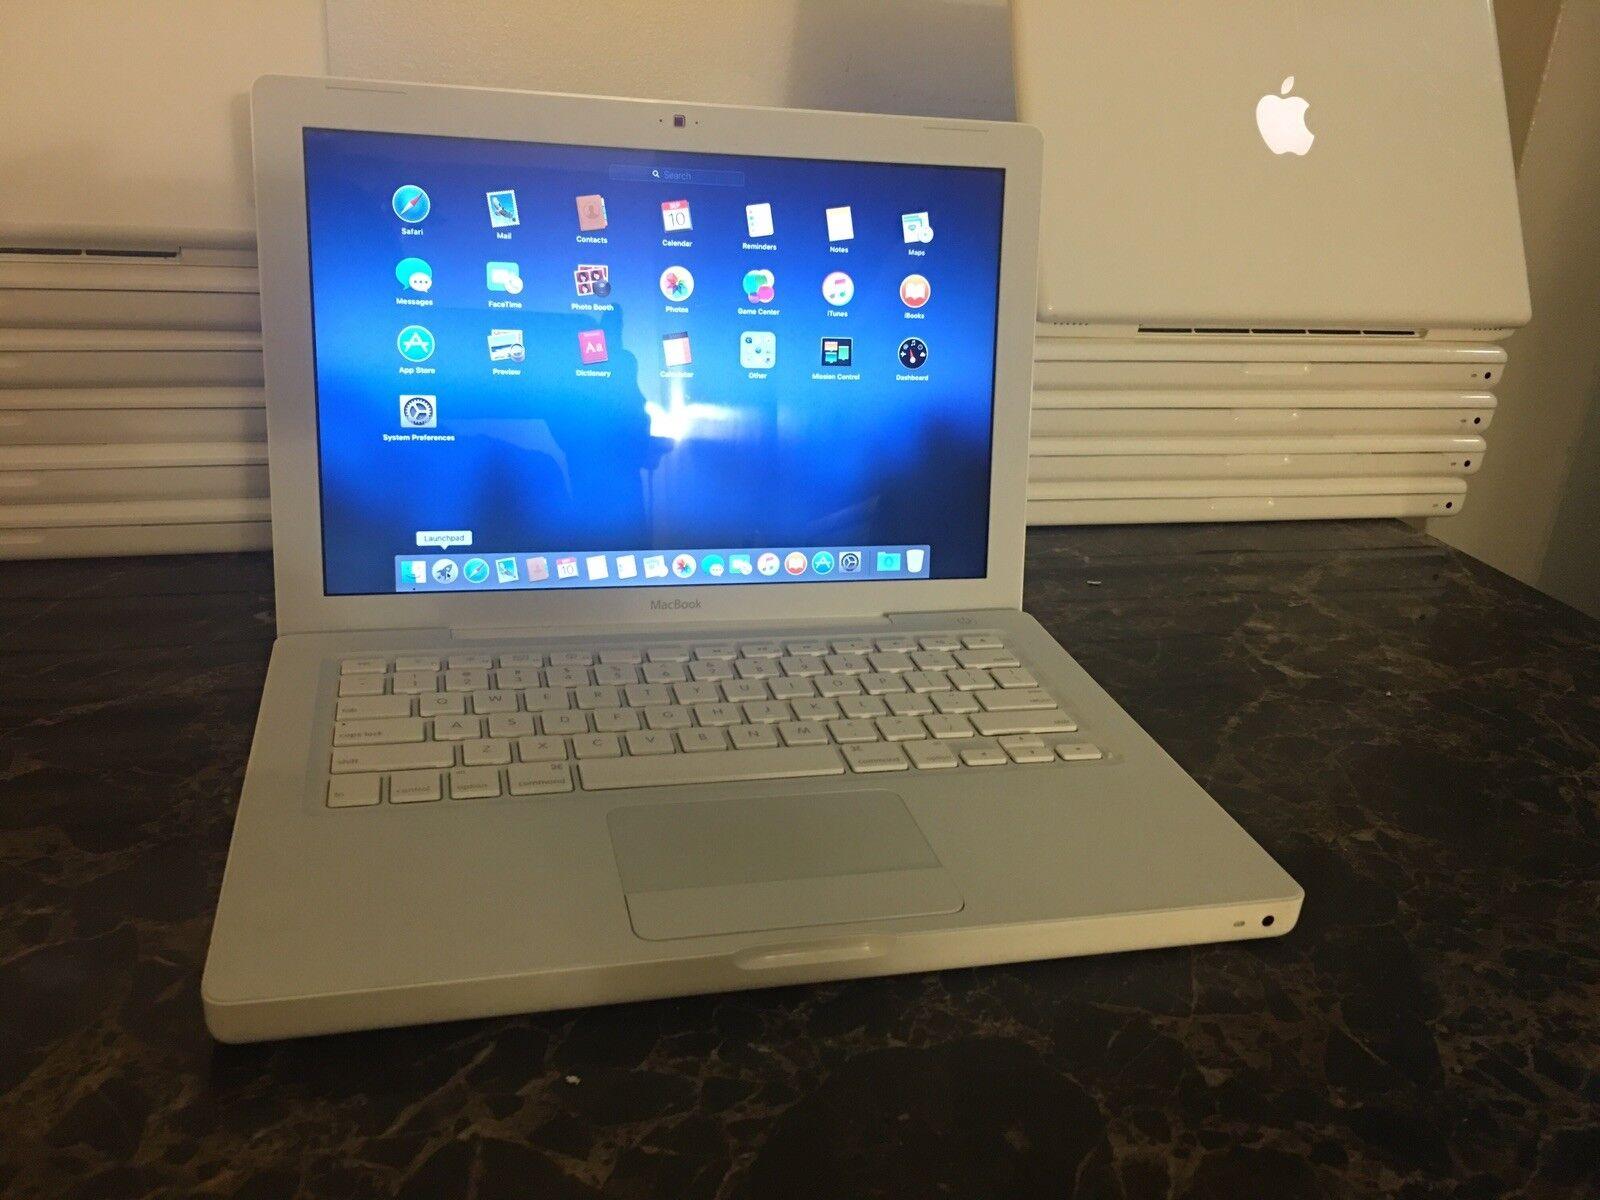 macbook: Apple Macbook Core 2 Duo 2.0GHz 4GB 250GB DVD Laptop (2009) – Emc #2300